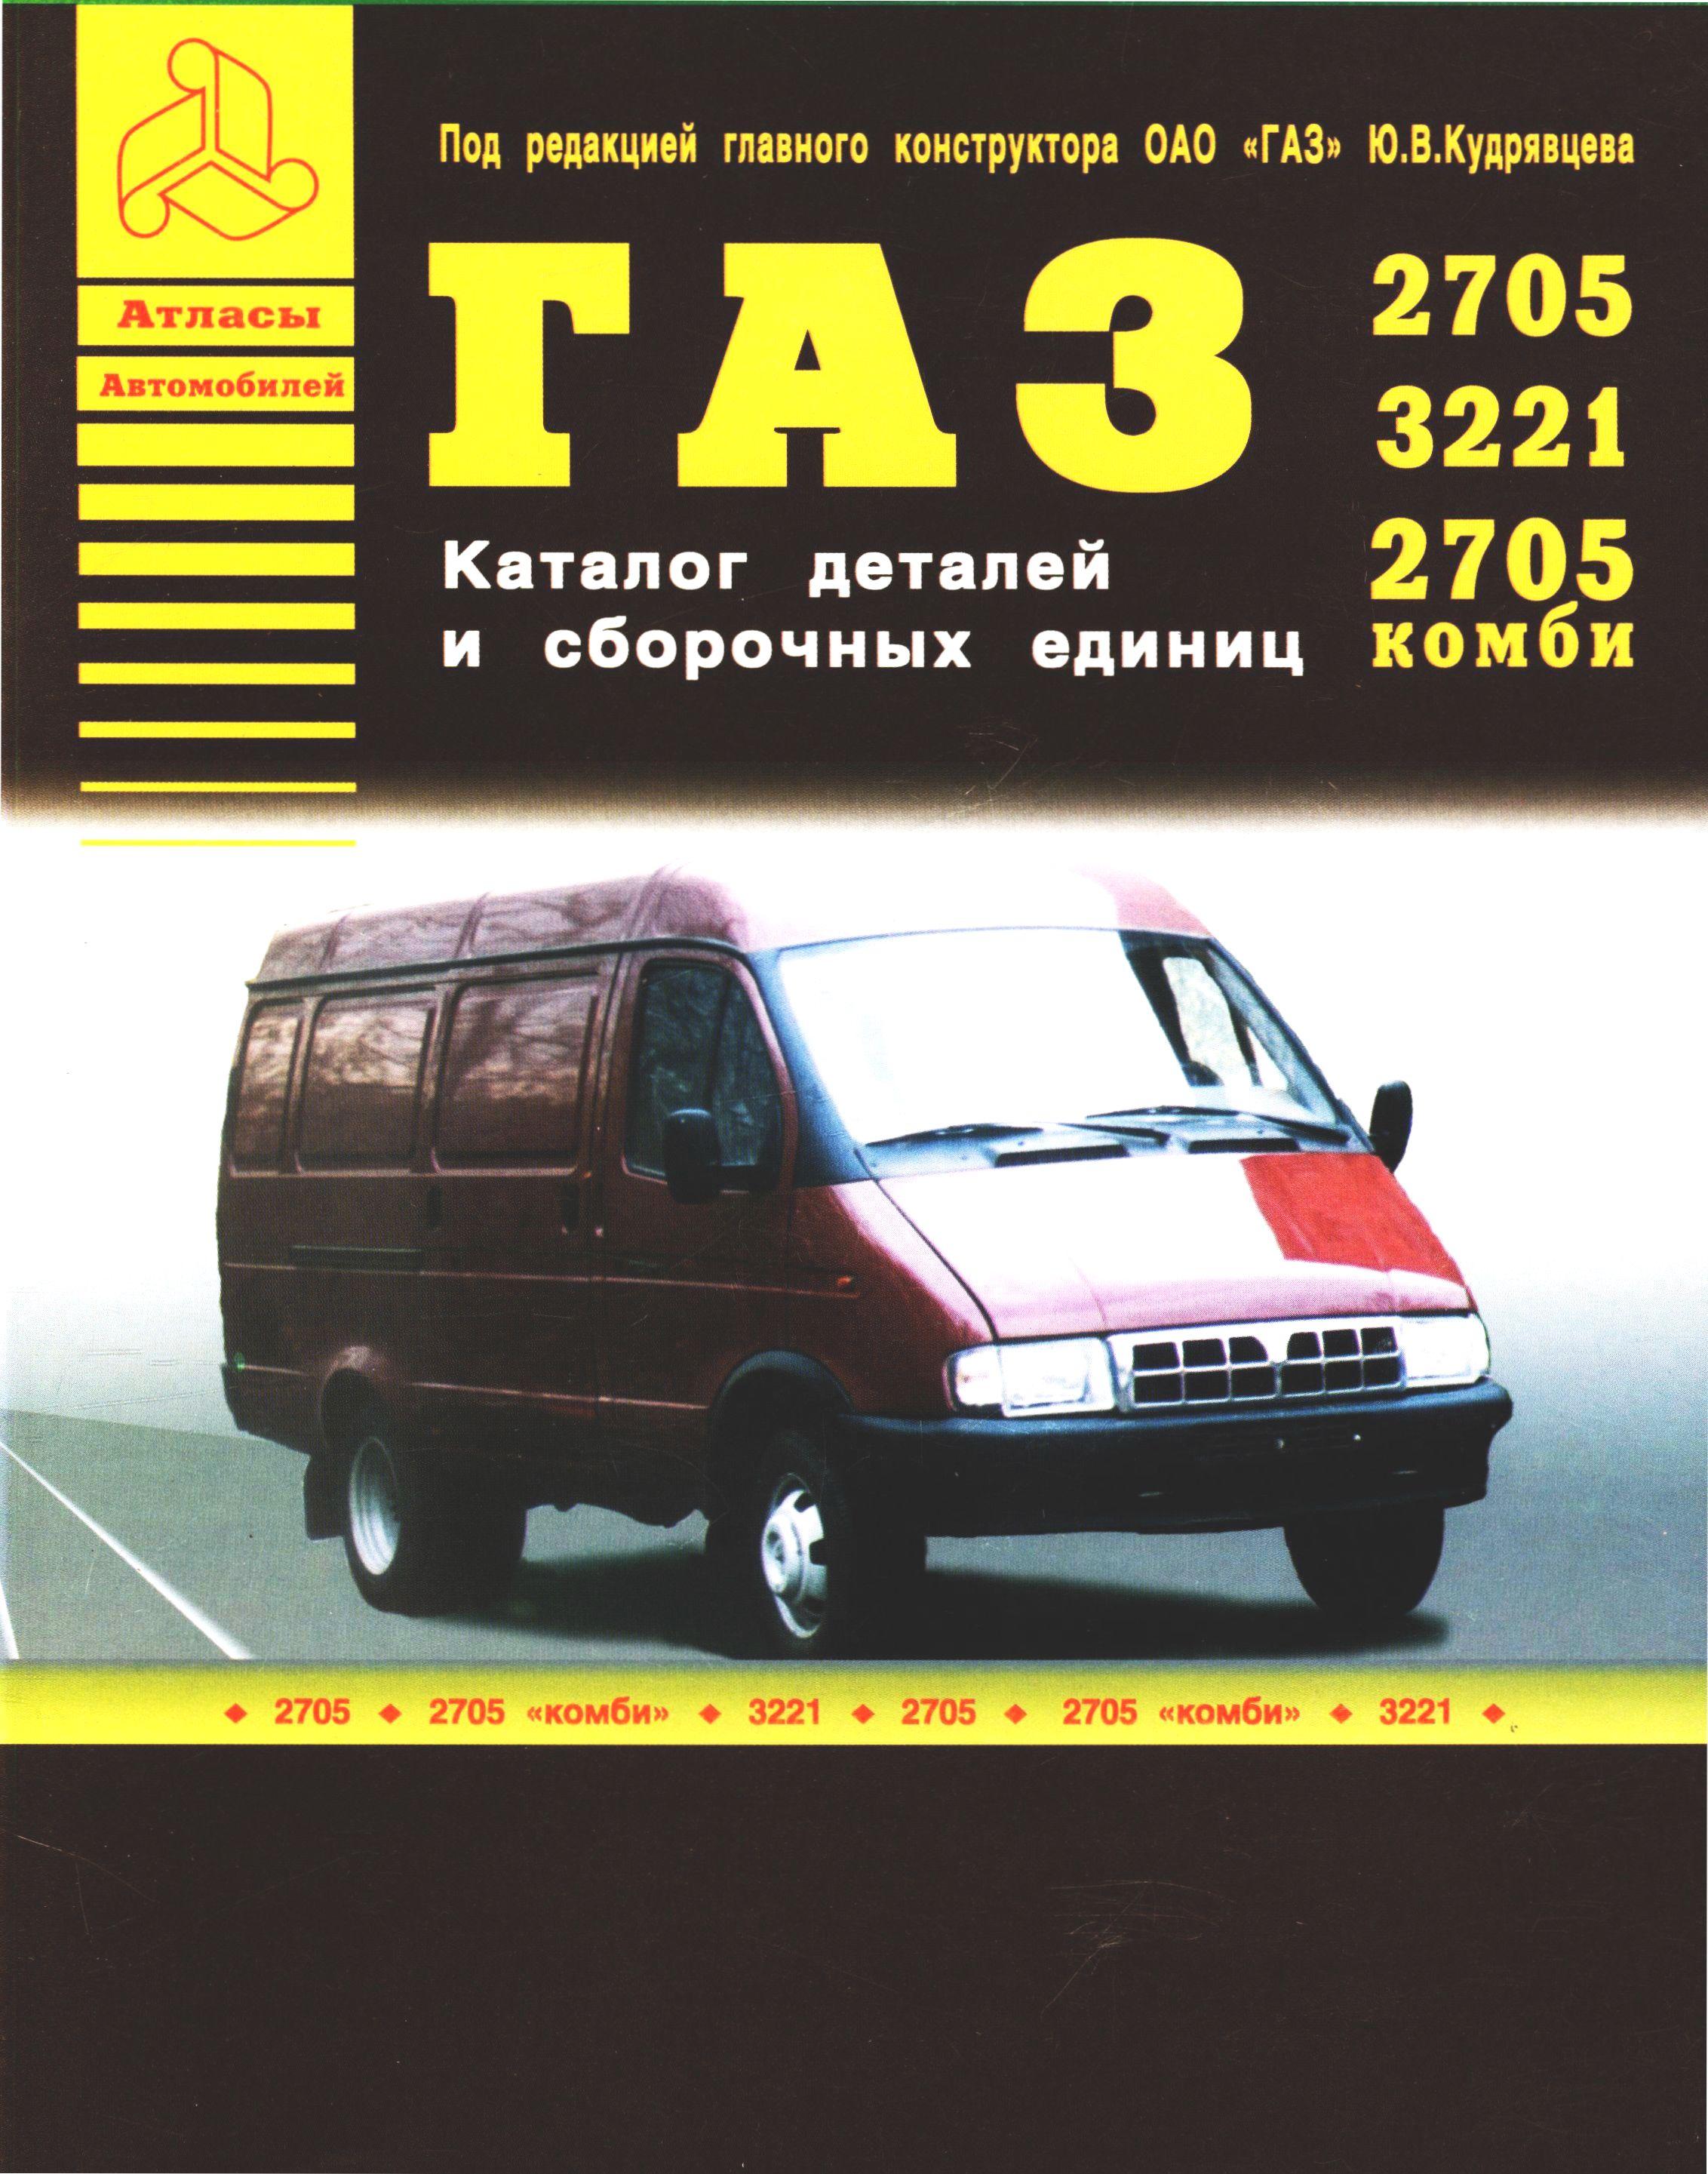 ГАЗ 2705, 2705 Комби, 3221 Каталог деталей